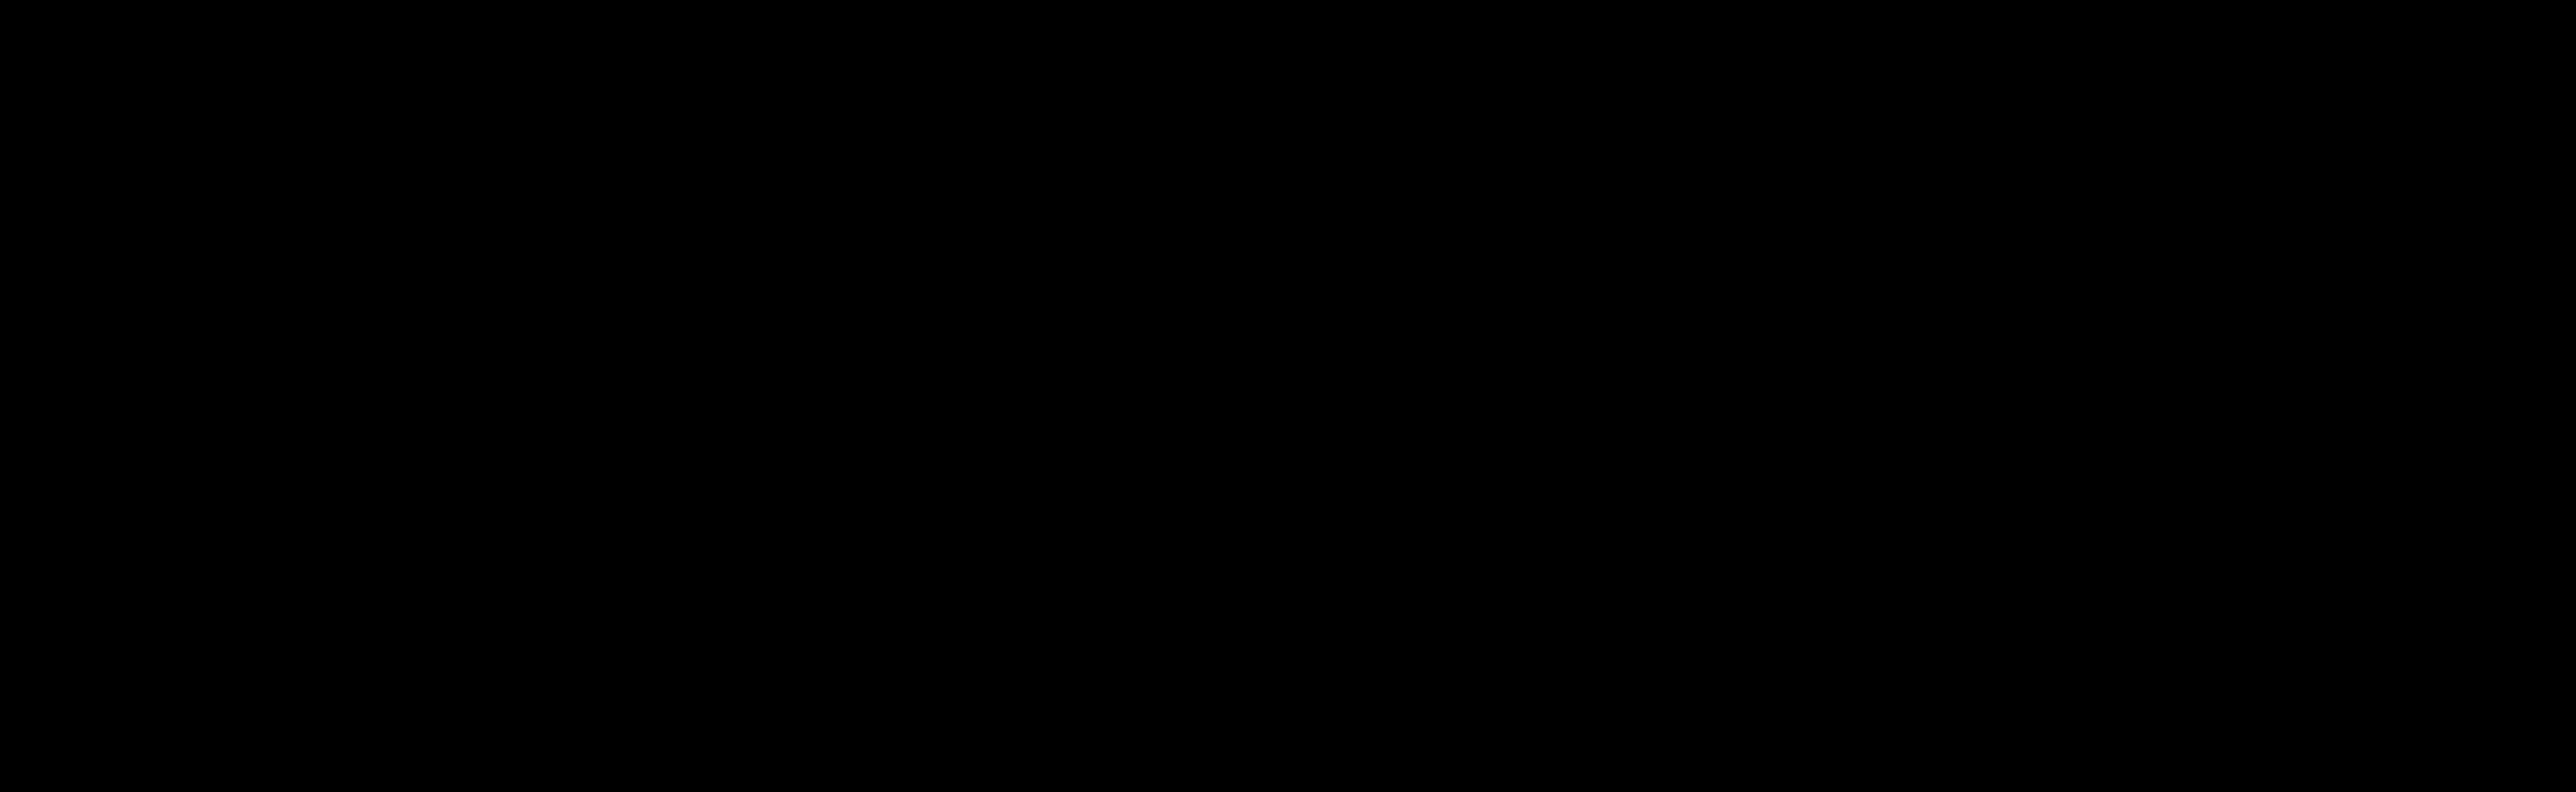 Kawayuii